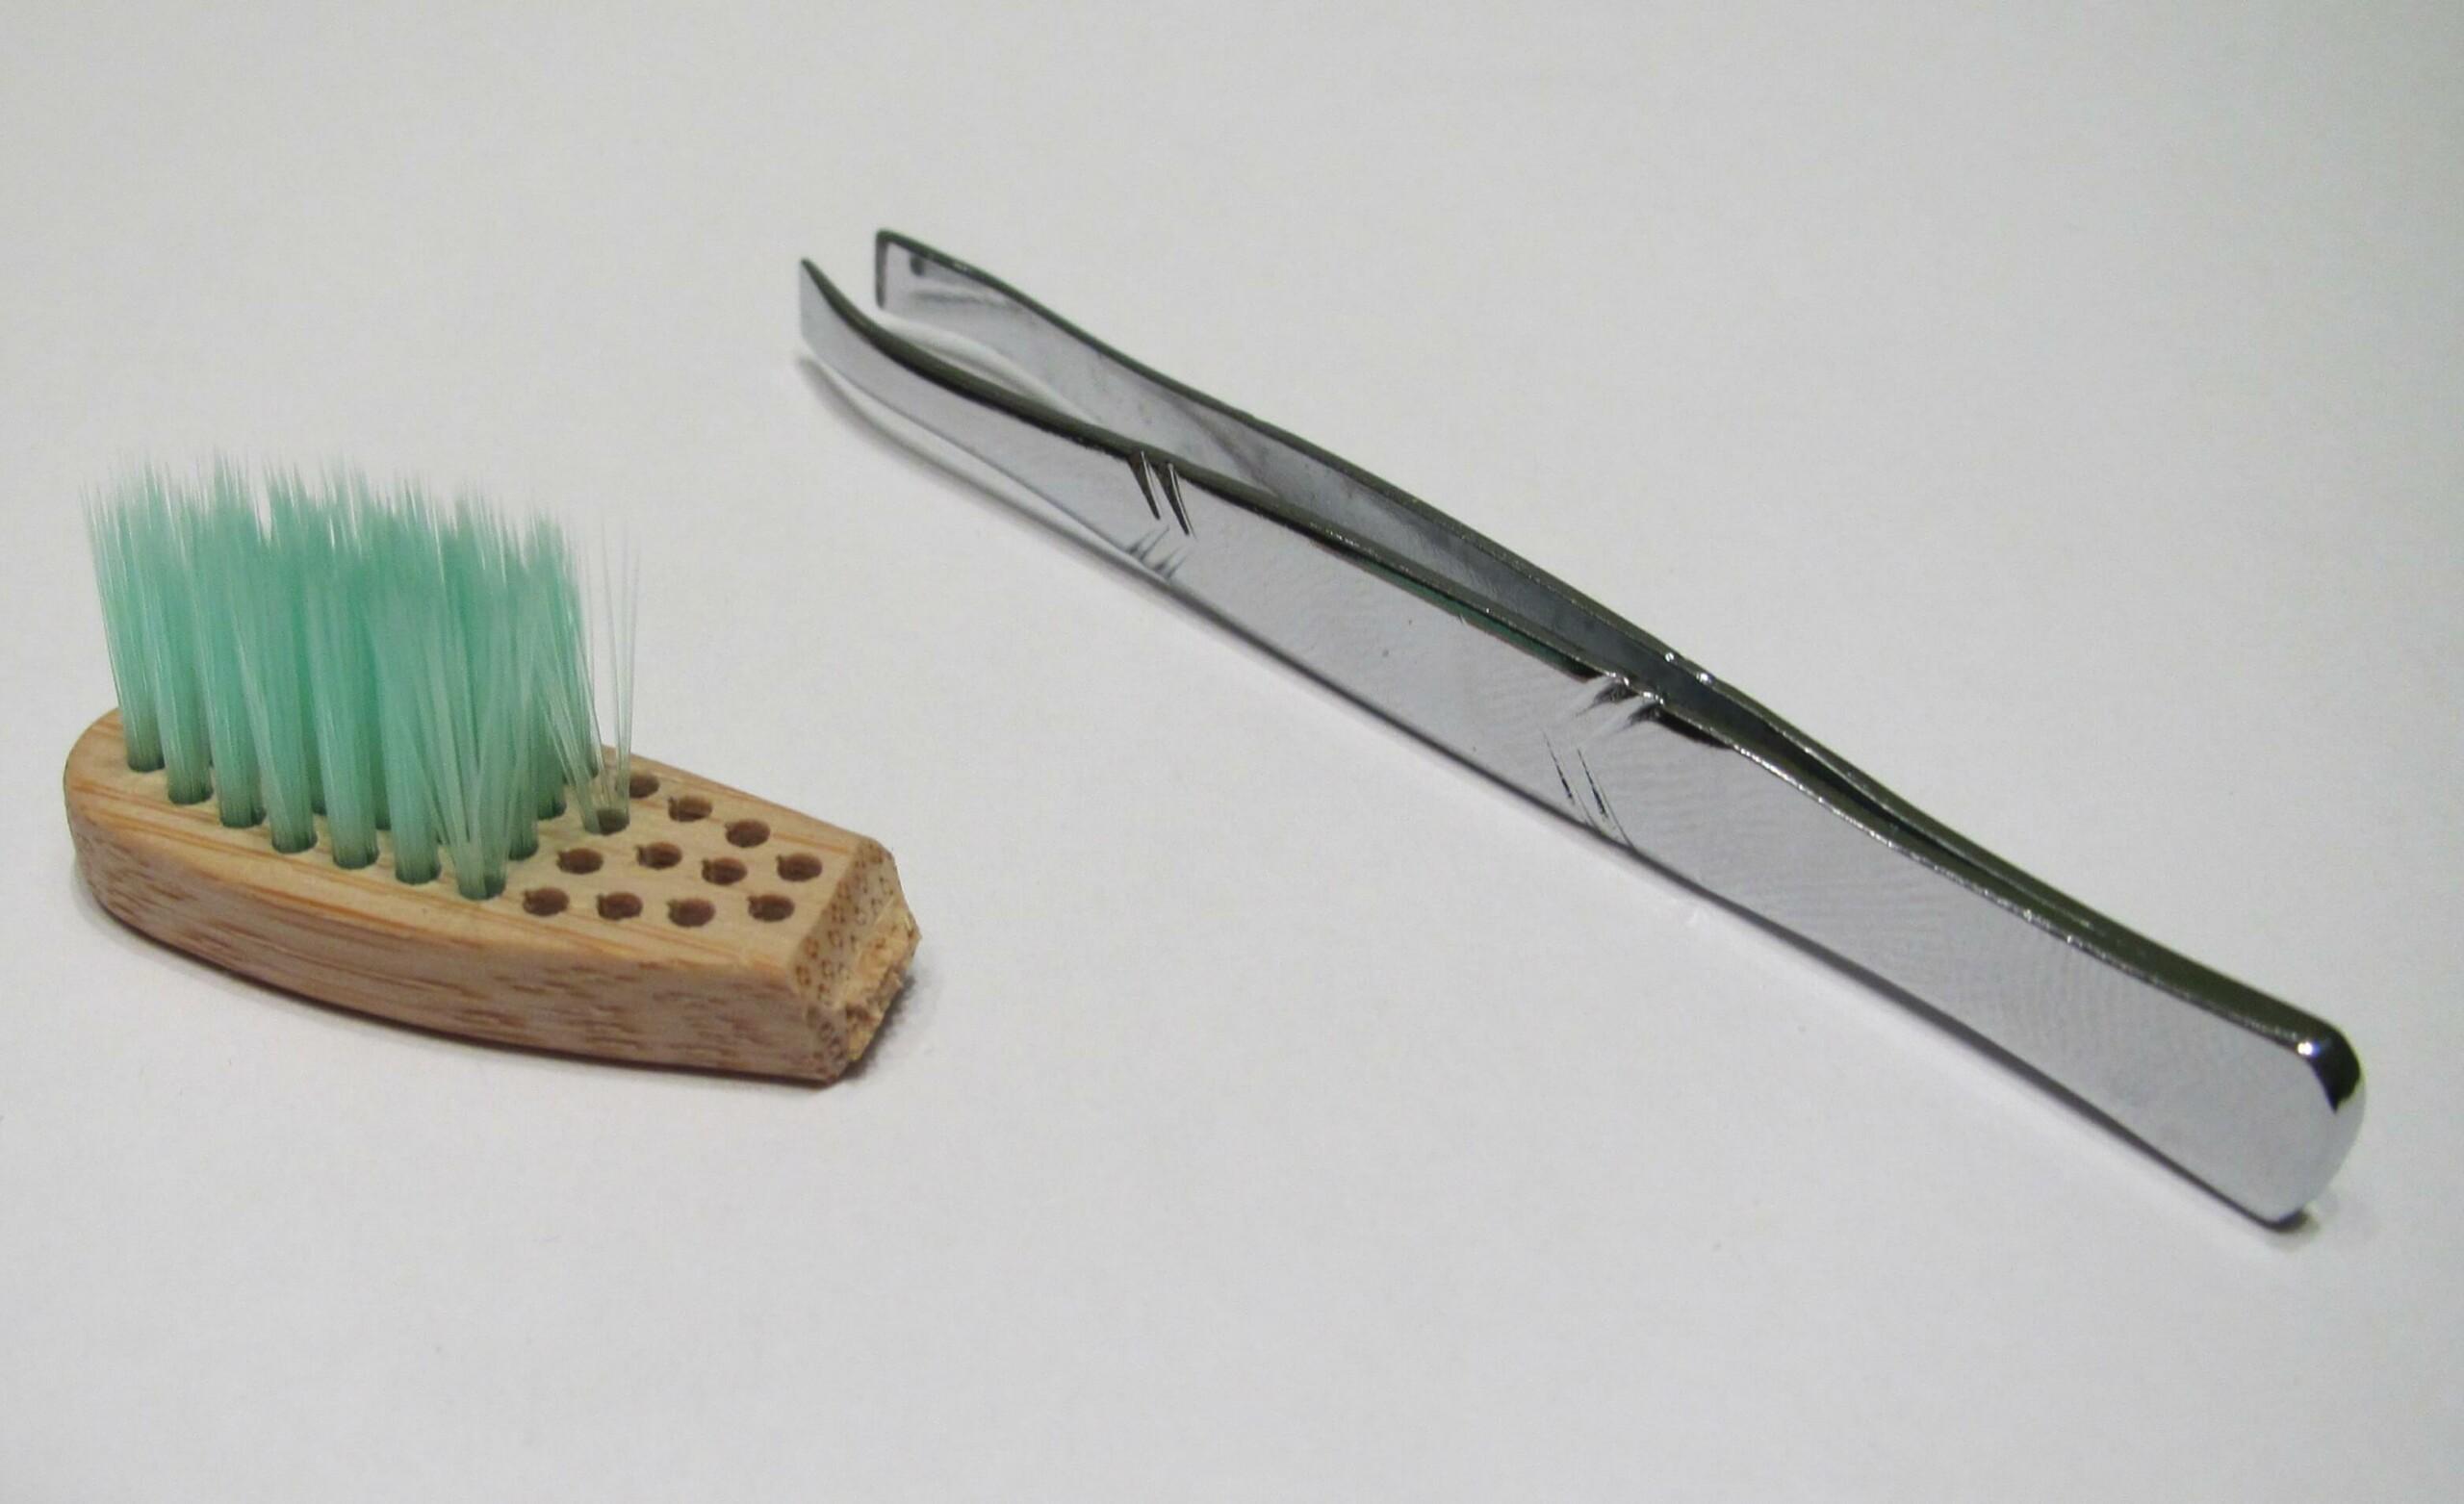 Reciclar cerdas cepillo de dientes de bambu con pinzas